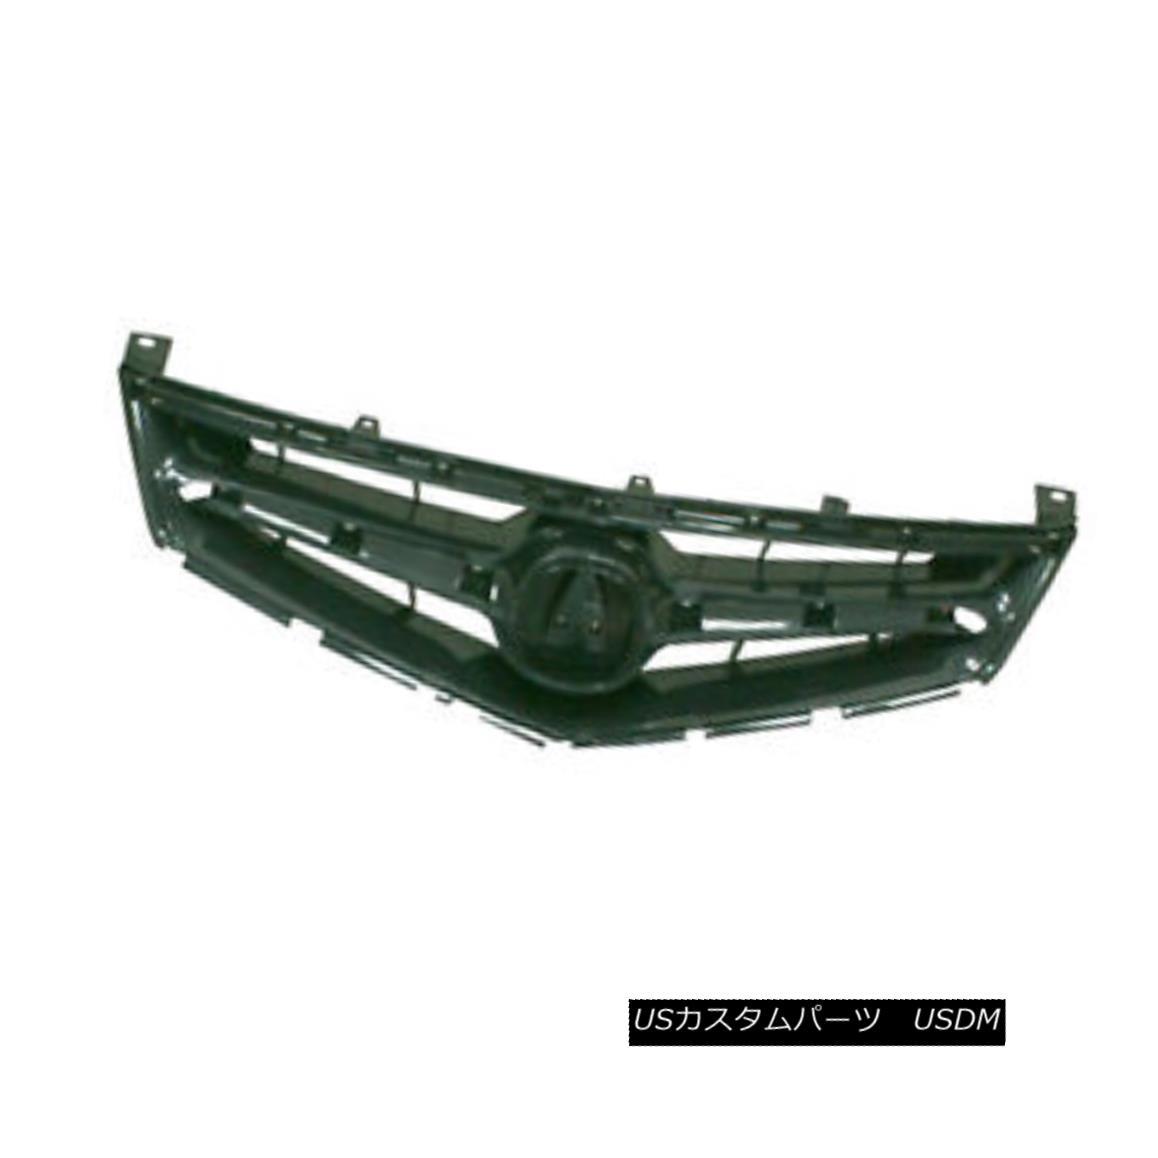 グリル New Replacement Grille Black ABS 104-50133 新しい交換グリルブラックABS 104-50133